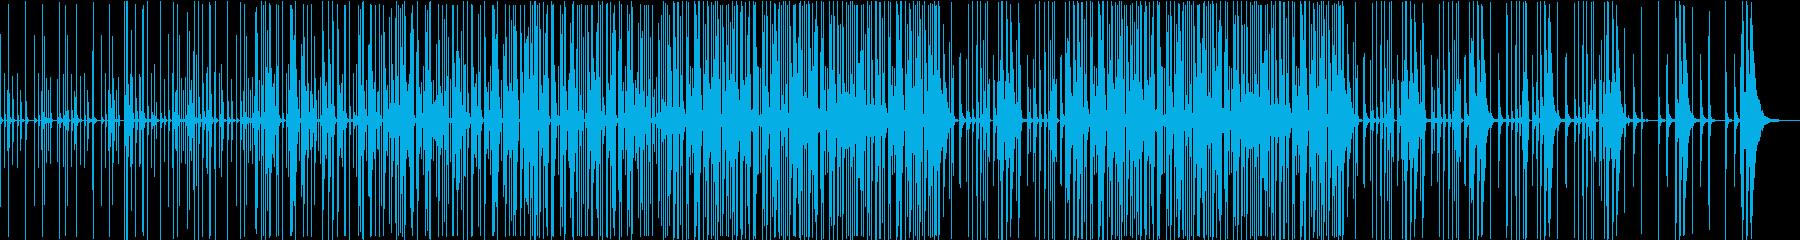 身の周りの音で作ったリズムのみのBGMの再生済みの波形